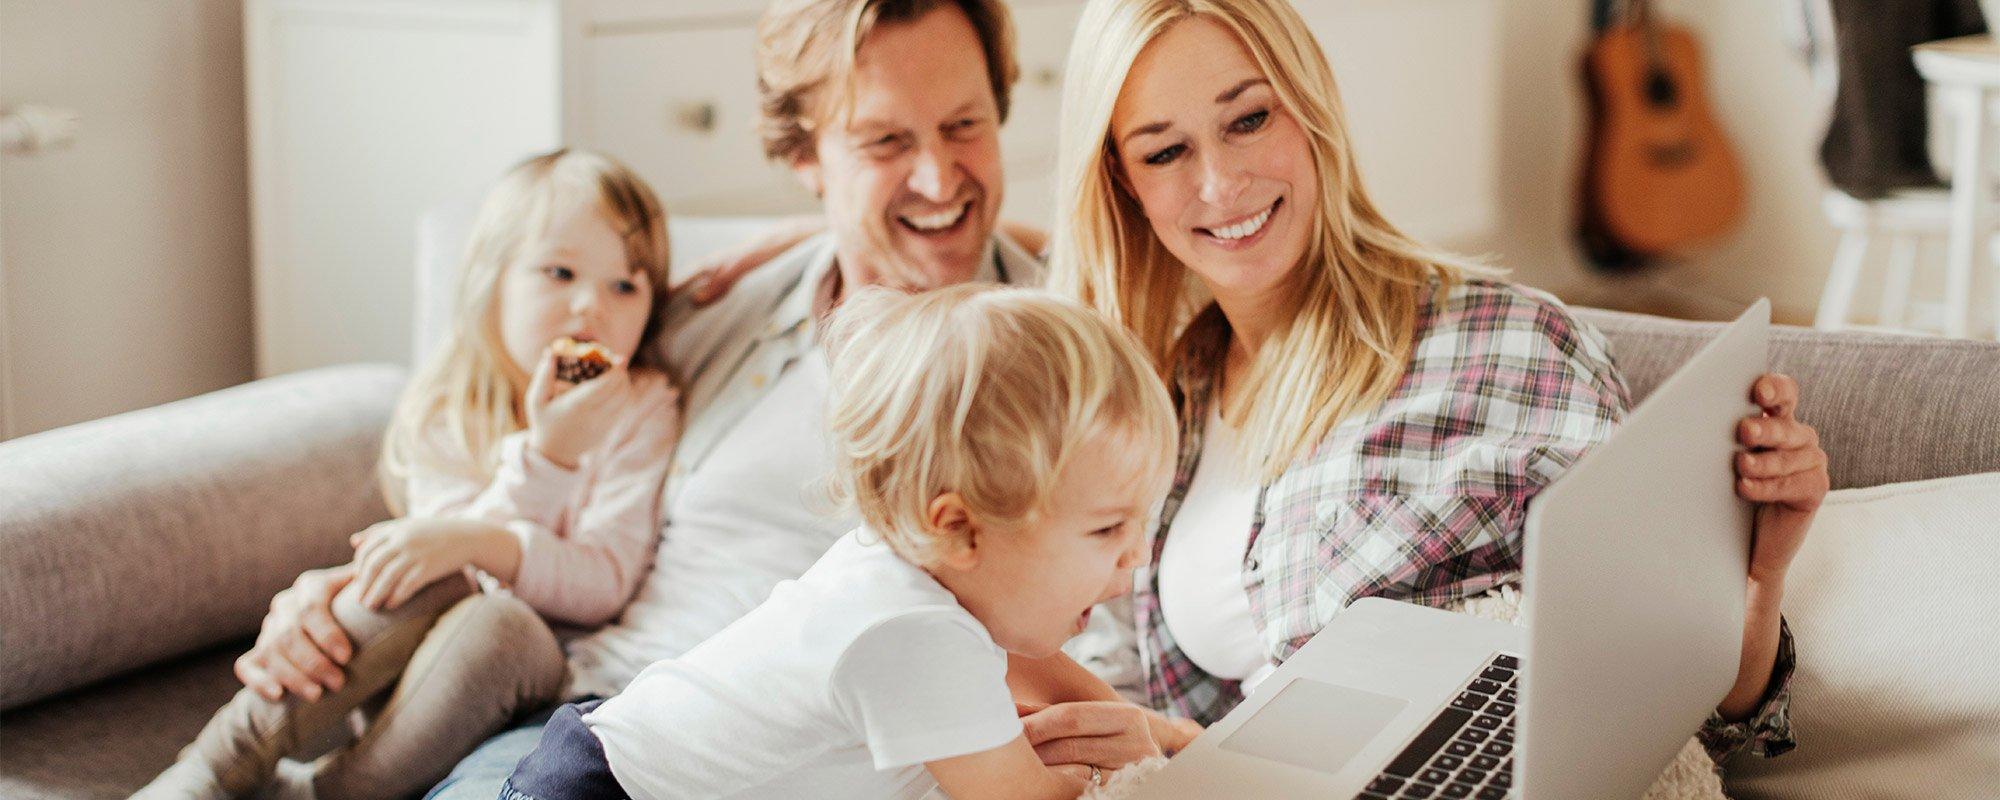 Viiden vaiheen digitaalinen asuntokauppa tekee asunnon ostamisesta ja myymisestä helppoa etänäkin.